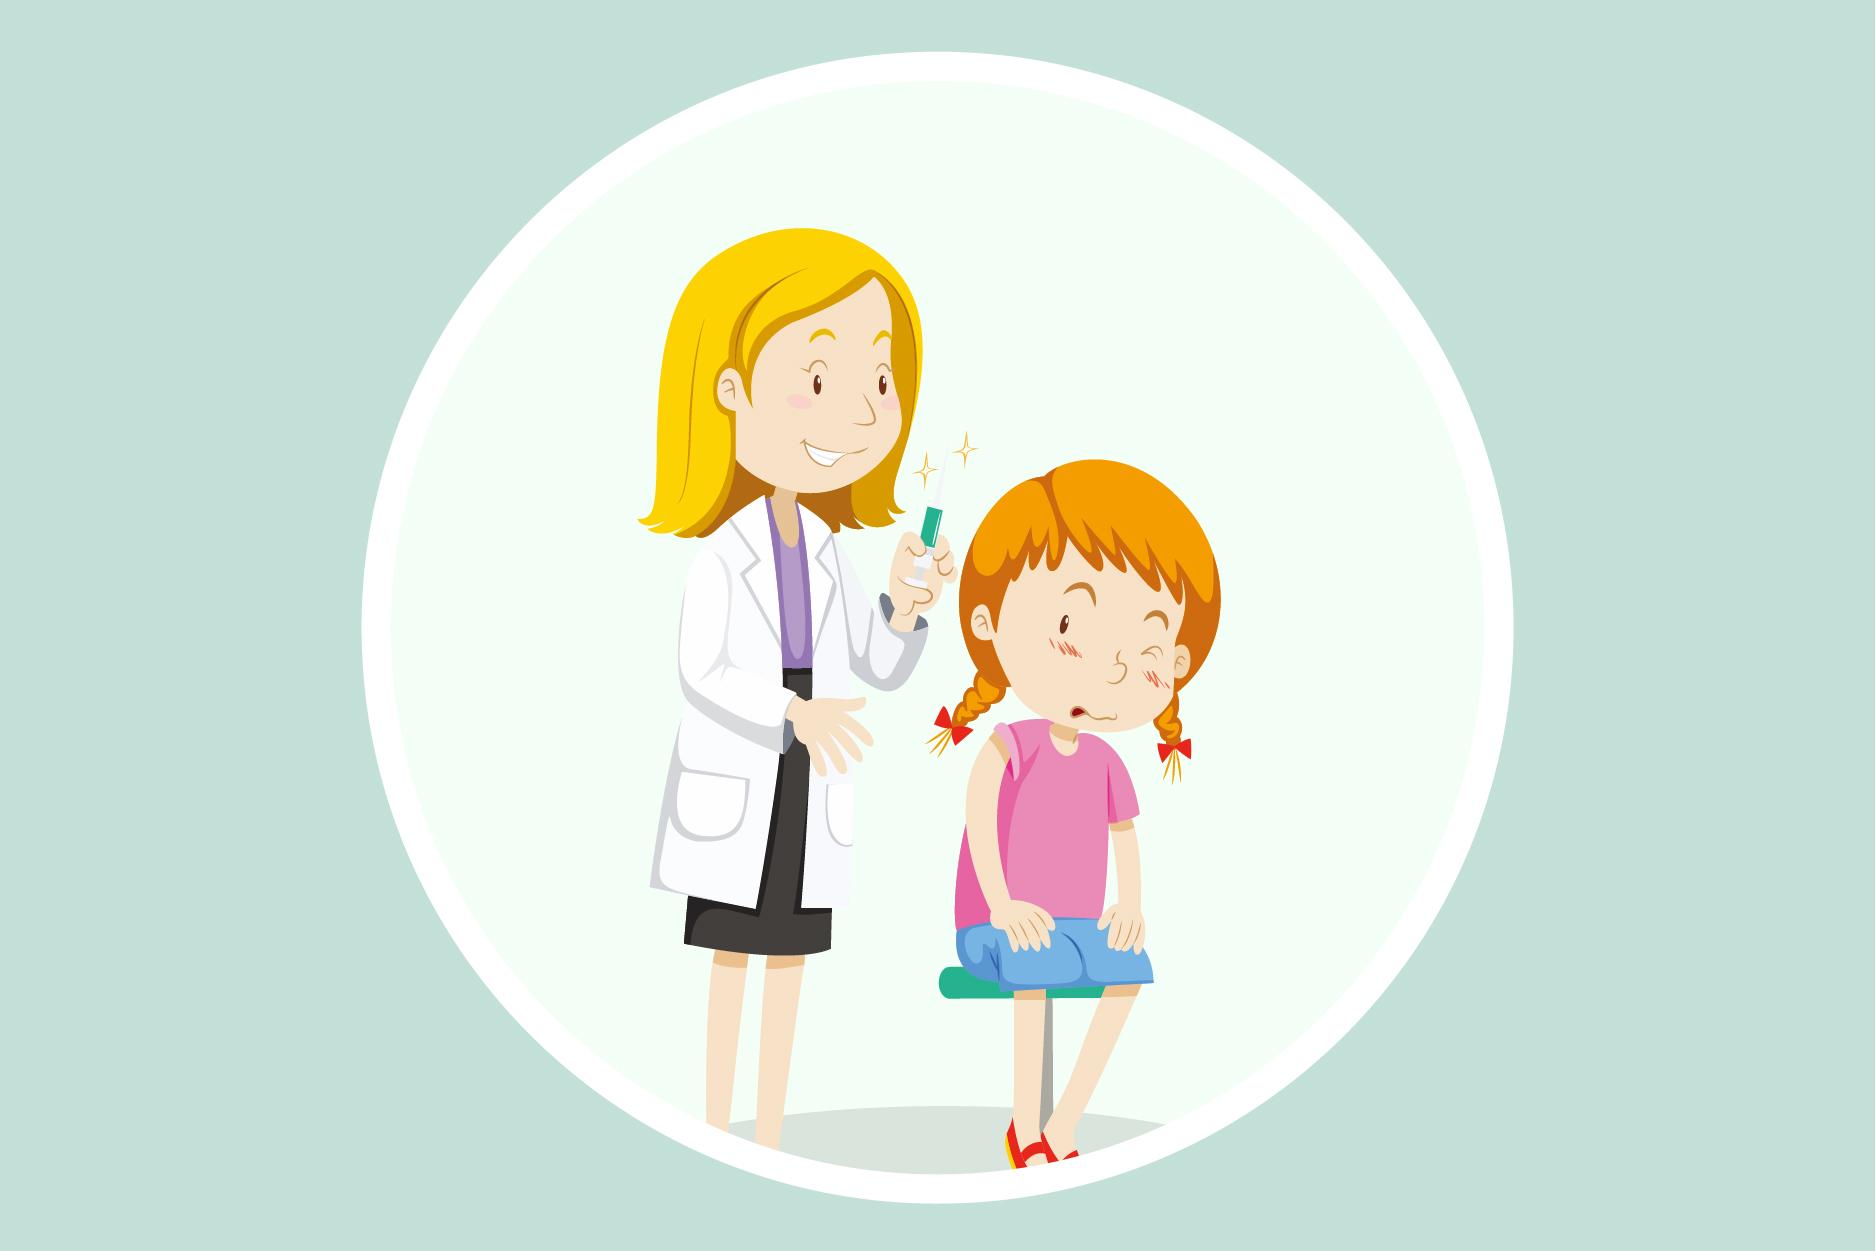 西苑医院耳鼻喉科义诊专家在等你!